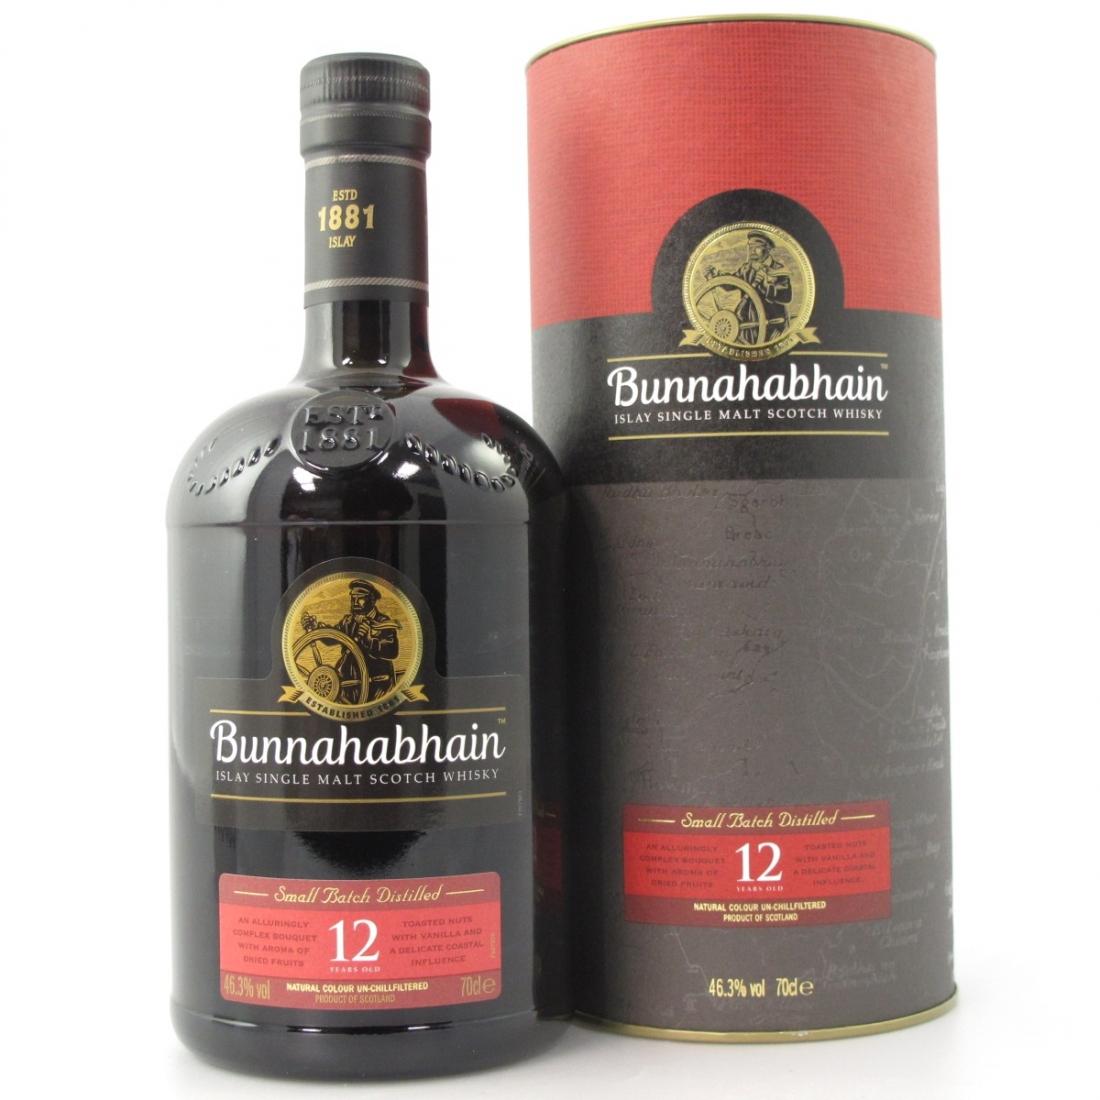 Bunnahabhain 12 Year Old Small Batch